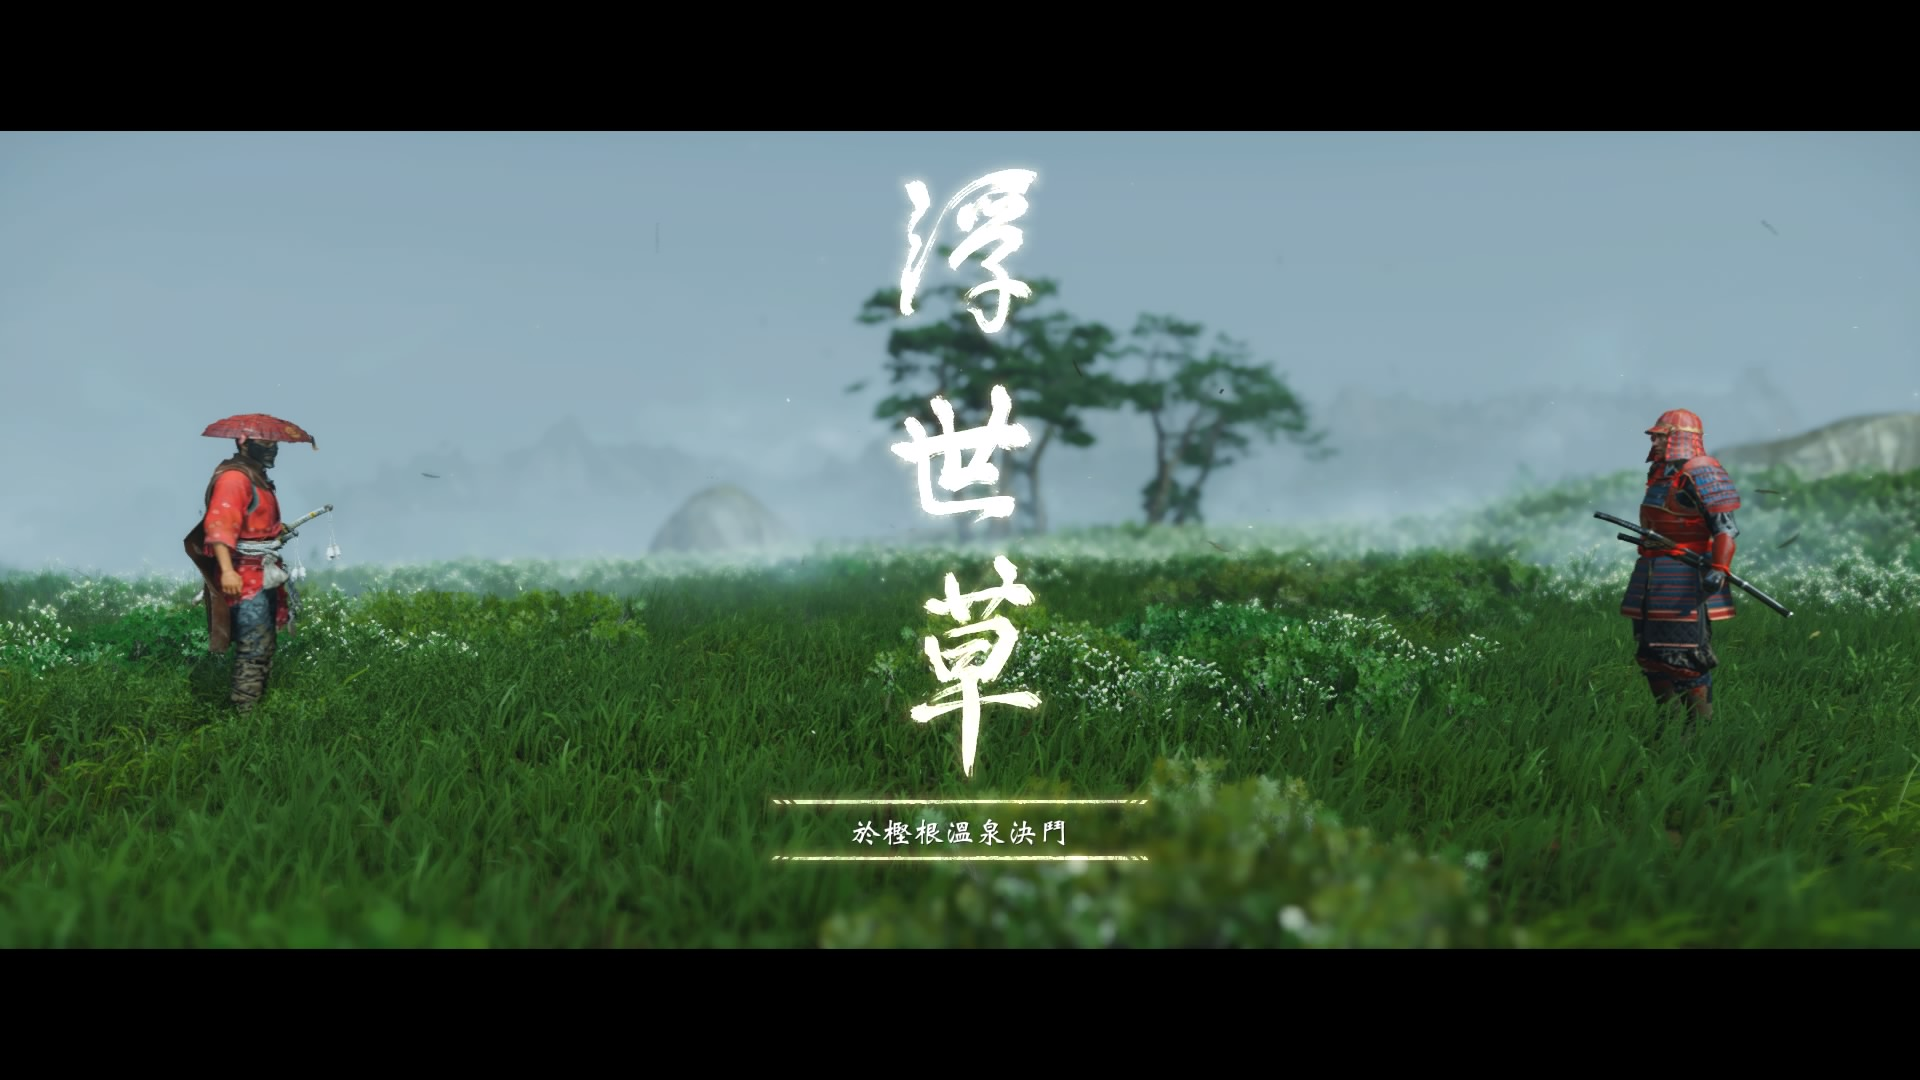 進行 1 對 1 戰鬥時,無法使用任何戰鬼招式,只能堂堂正正的對決。(圖源:PS4 Pro)